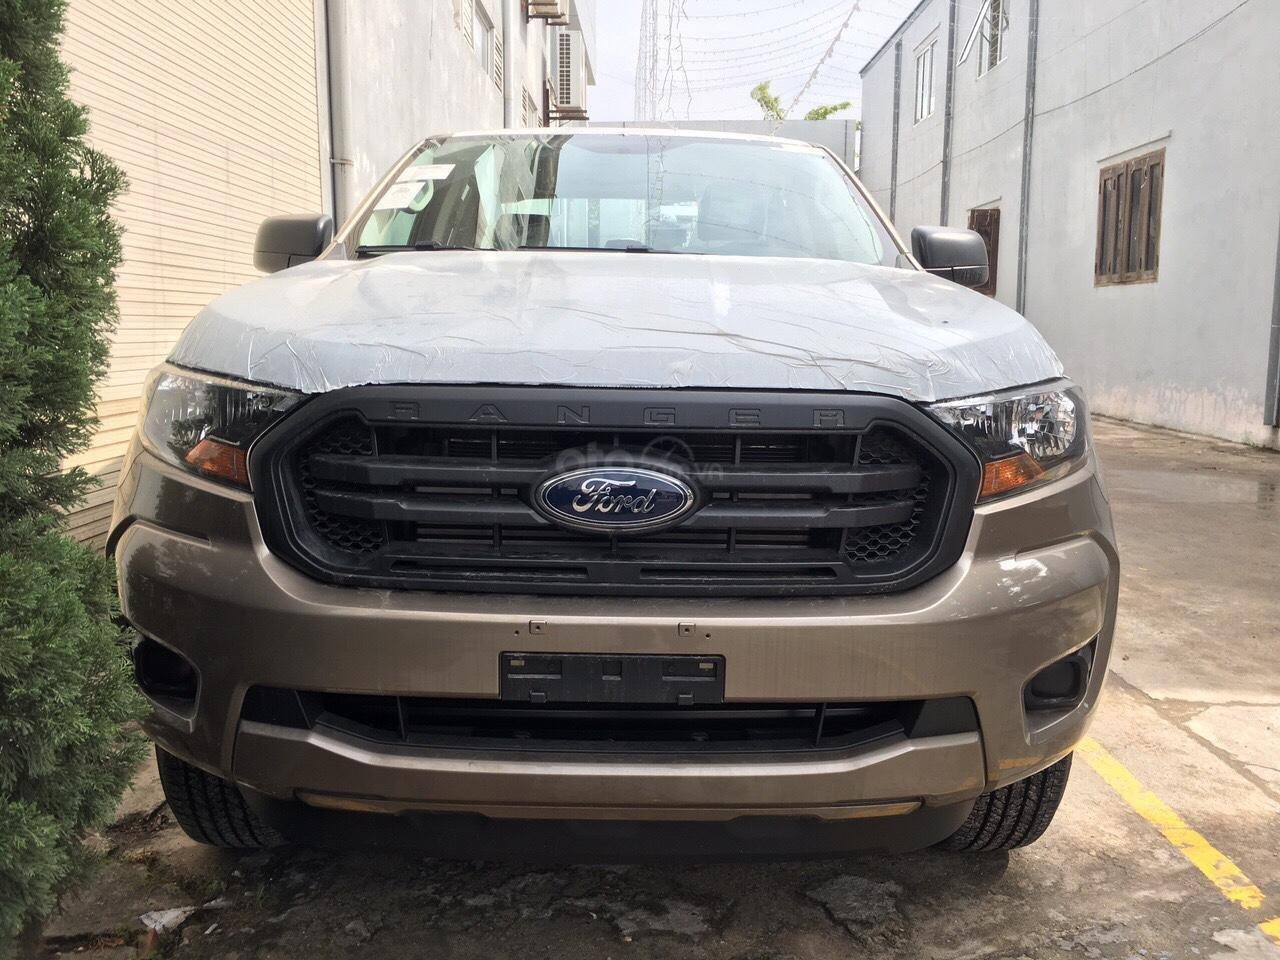 Lai Châu bán Ford Ranger XL 2.2 MT 4x4 sản xuất 2019, xe nhập giá cạnh tranh, hỗ trợ trả góp - LH 0974286009 (4)